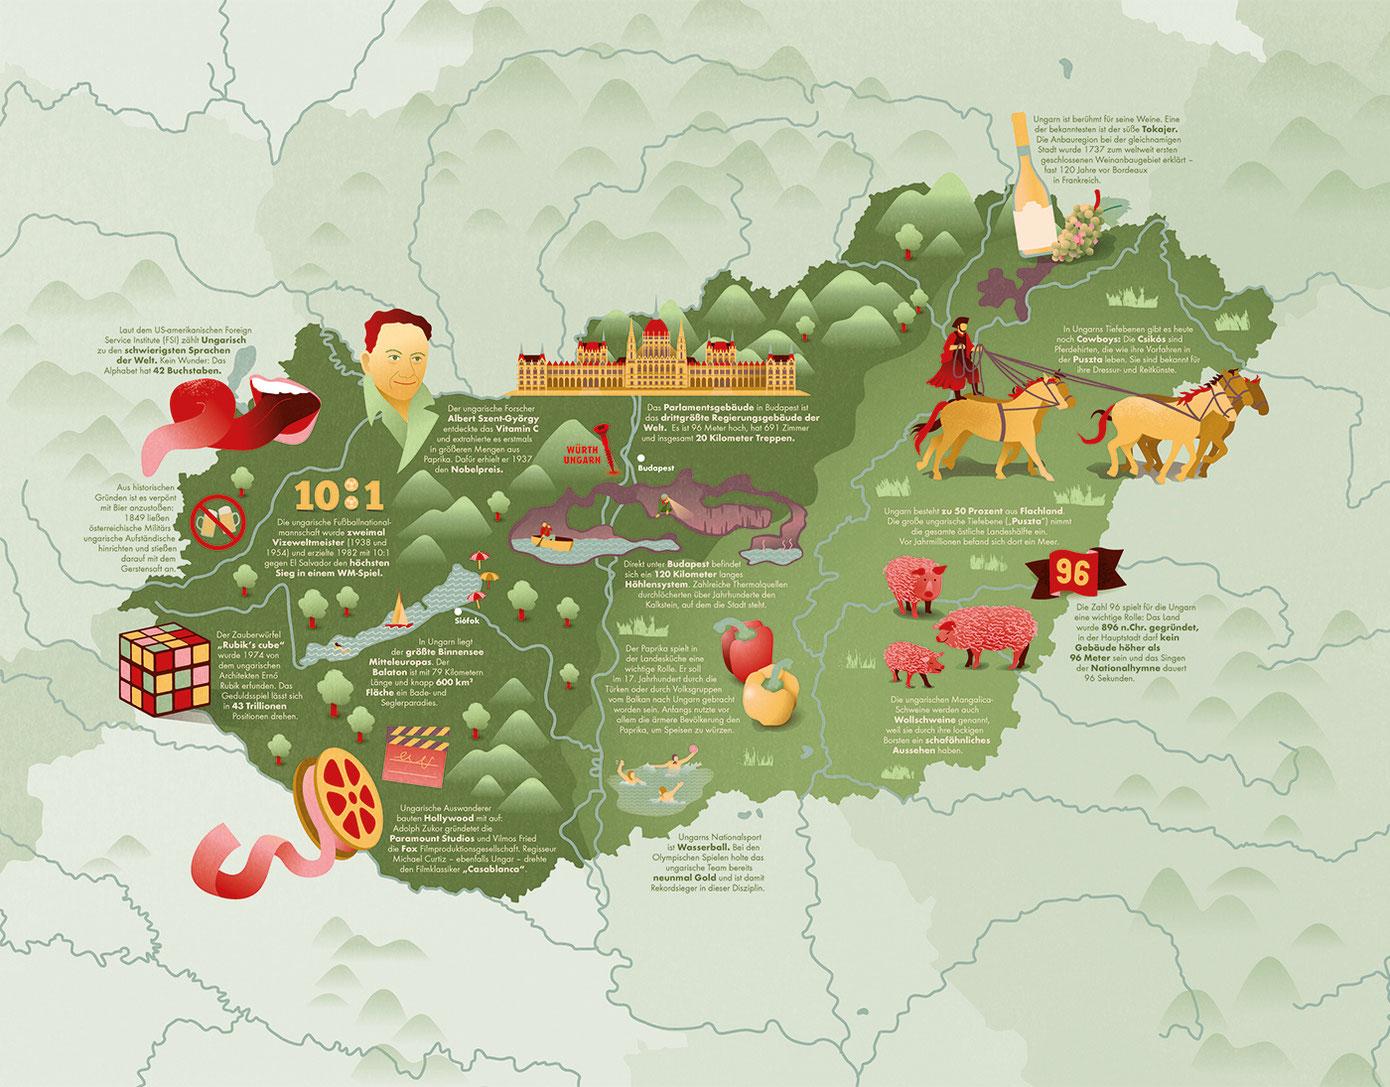 Illustrierte Karte von Ungarn mit Spot Illustrationen der Sehenswürdigkeiten als Vektorgrafik. Marina Schilling.